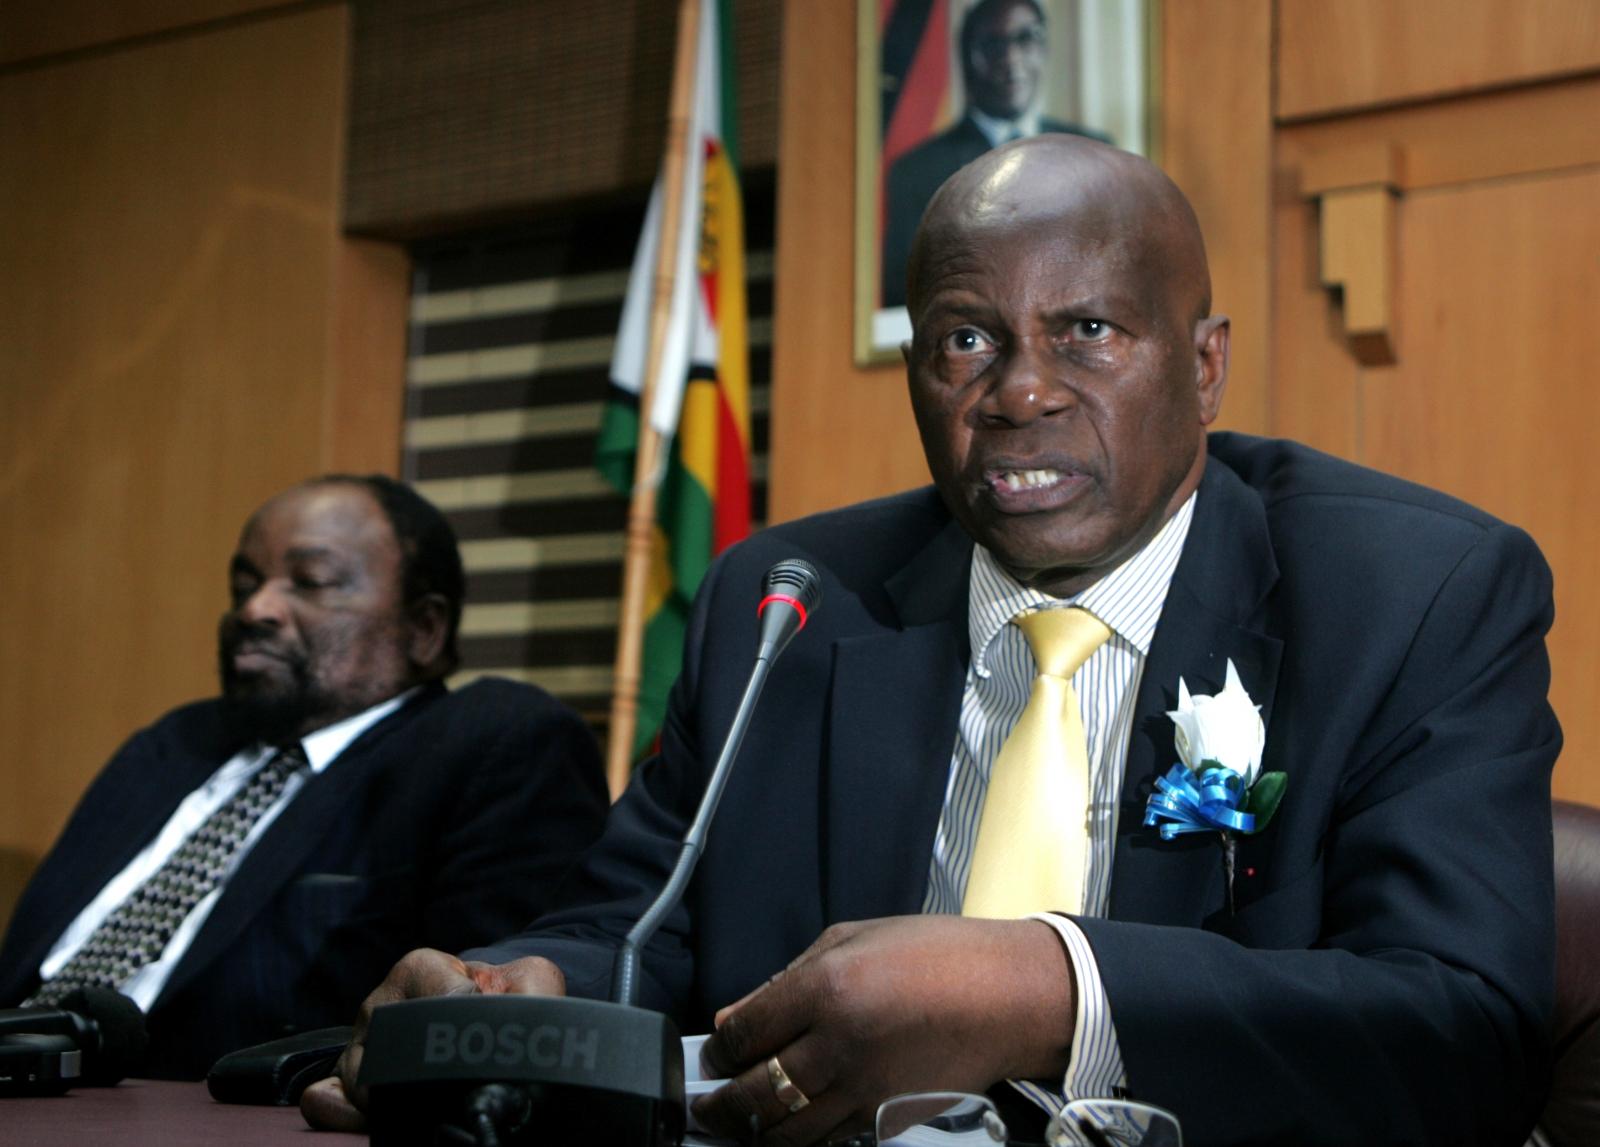 Zimbabwe minister Patrick Chinamasa